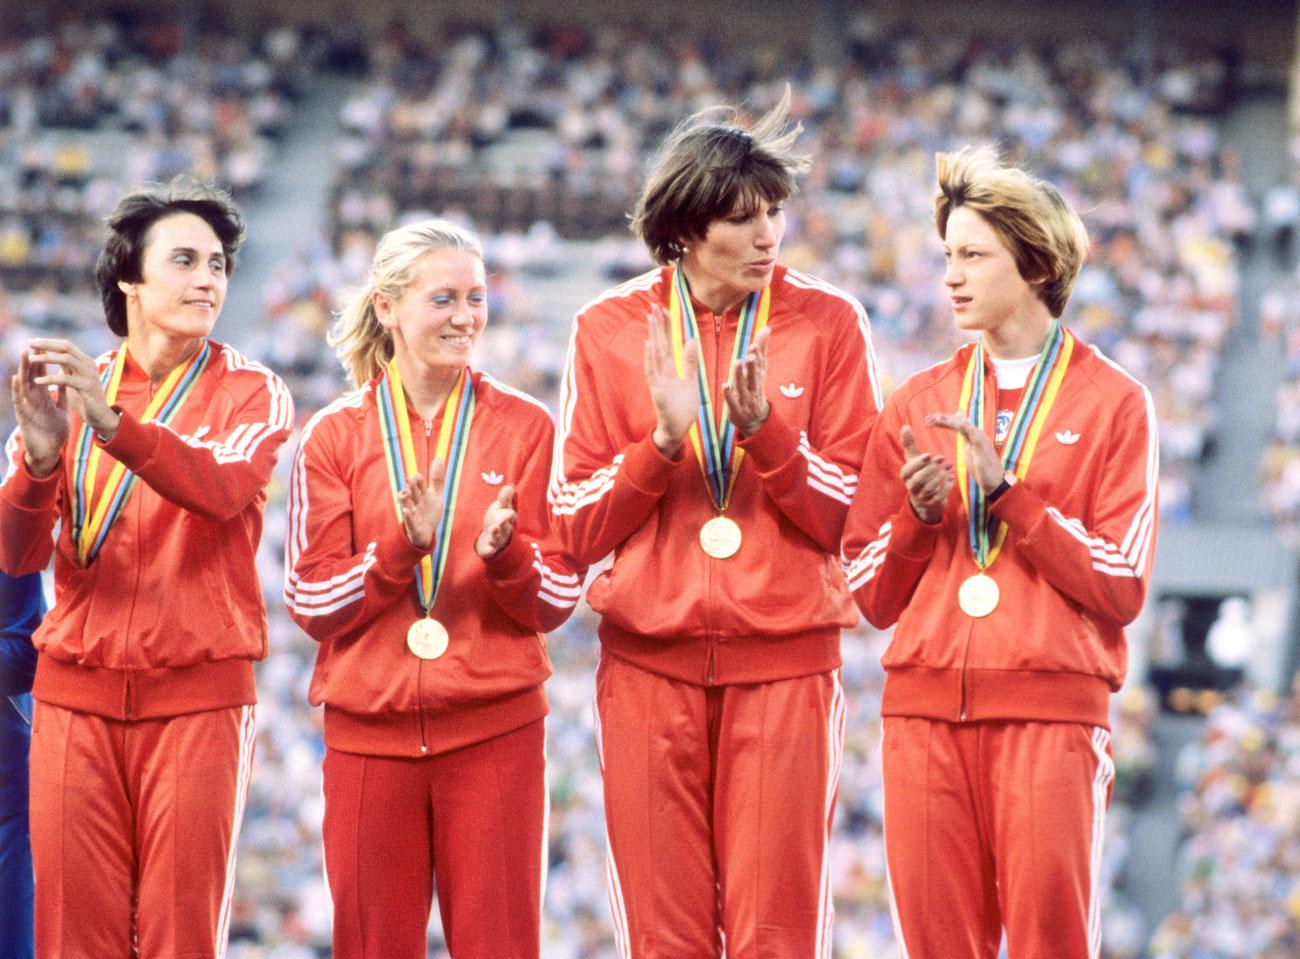 """1980 МОСКВАДо 1980 г. екипите на спортистите се моделират от Общосъюзната къща на моделите в Москва, а до 1988 г. се шият в Армения. Домакинският екип за Олимпиадата през 1980 г. обаче е изключение. За първи път в историята западна компания – """"Адидас"""" (Adidas), създава екипа за съветския отбор. Той се откроява със своята простота, липса на надписи и допълнителни детайли. Официалните костюми на националния отбор е със златист оттенък. На Олимпиадата в Москва през 1980 г. съветските спортисти оглавяват класацията по спечелени медали с 80 златни отличия. Олимпиадата обаче е бойкотирана от спортистите от 65 държави, сред които САЩ, ФРГ, Япония, Турция и Южна Корея."""